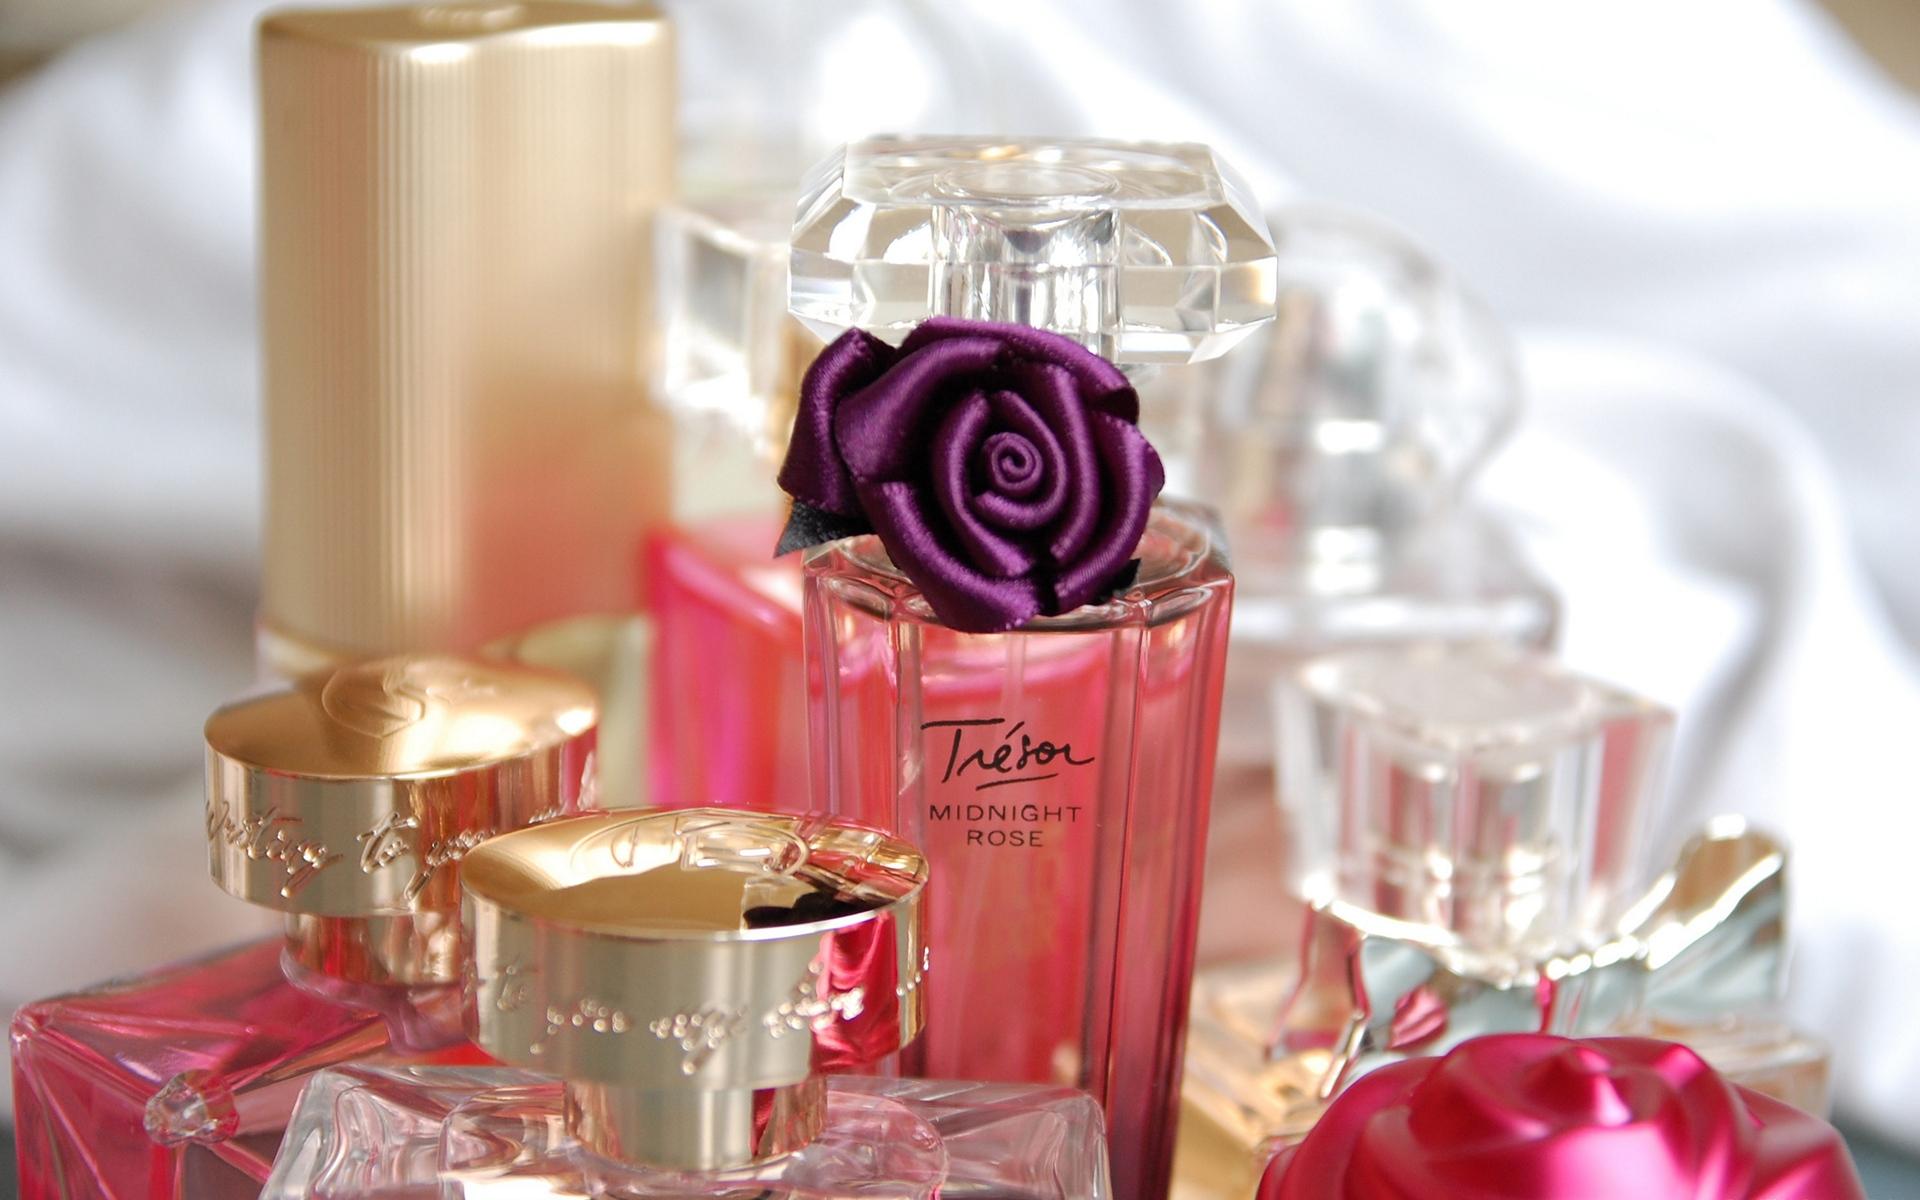 серебристым фотографии парфюмерии высокого качества настройки